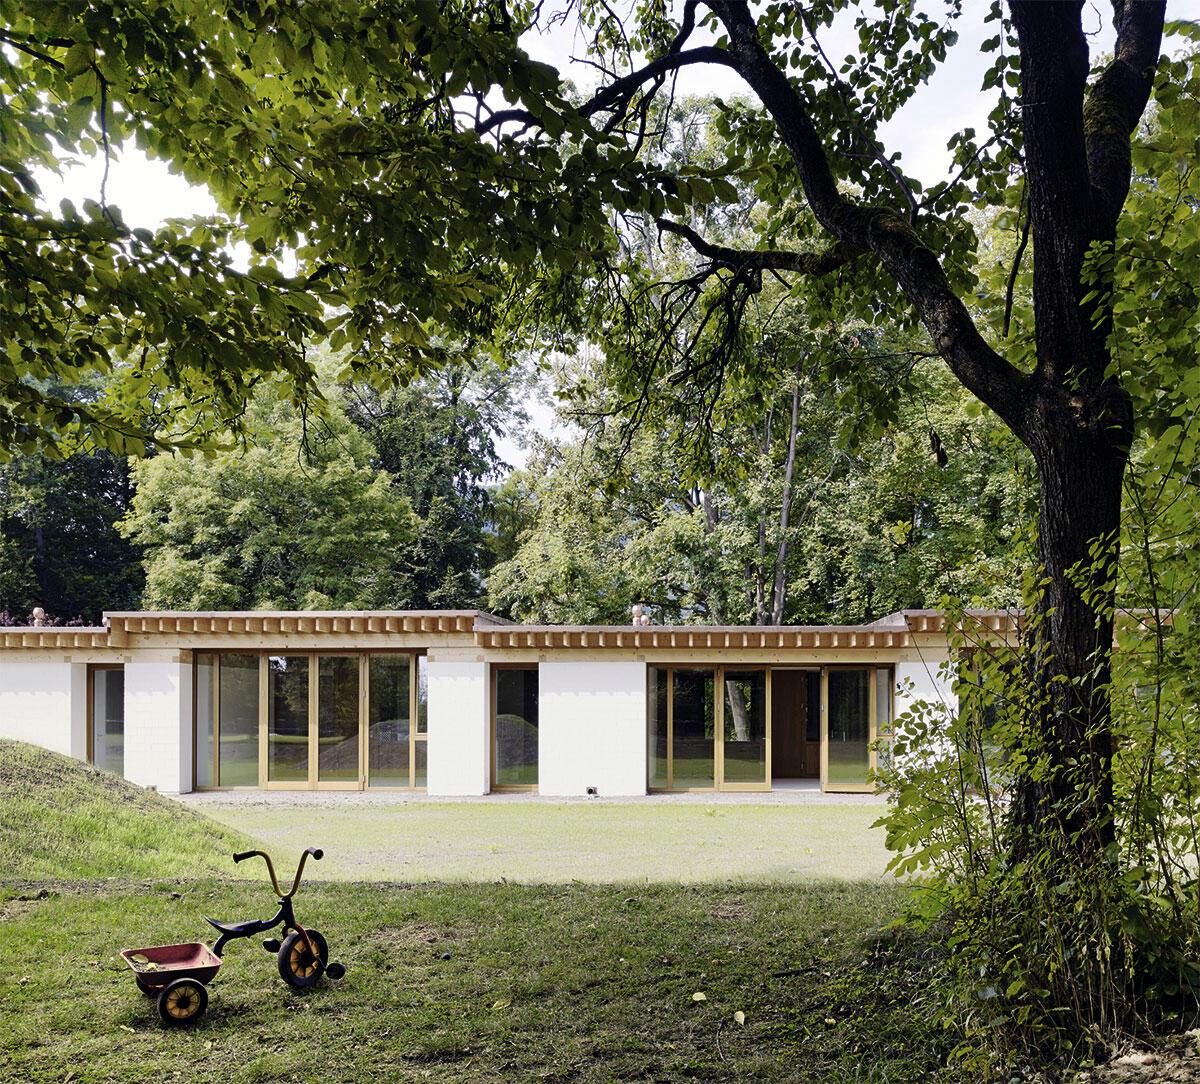 Kinderhaus Entlisberg: Höhere bediente und niedrigere dienende Räume wechseln sich im Gartenpavillon der Kita ab. Architektur und Bauleitung: Bernath + Widmer Architekten und De Pedrini Architekten